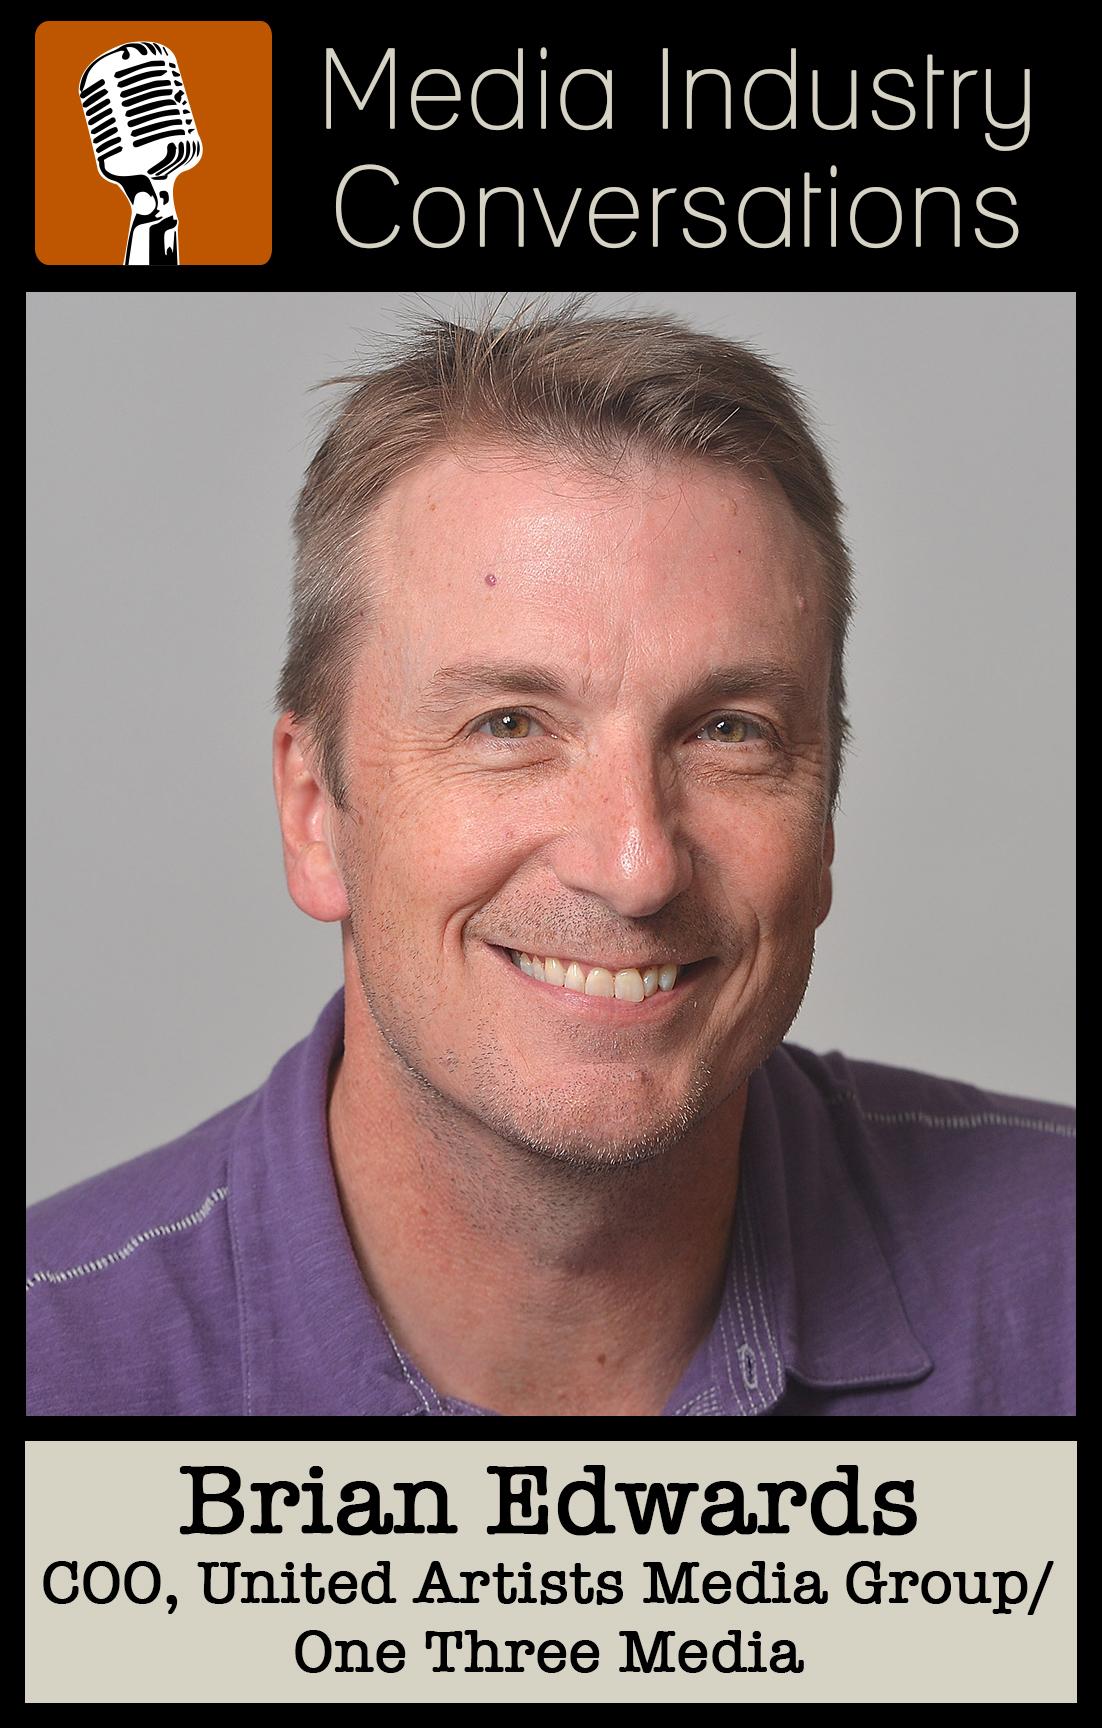 Brian Edwards's portrait